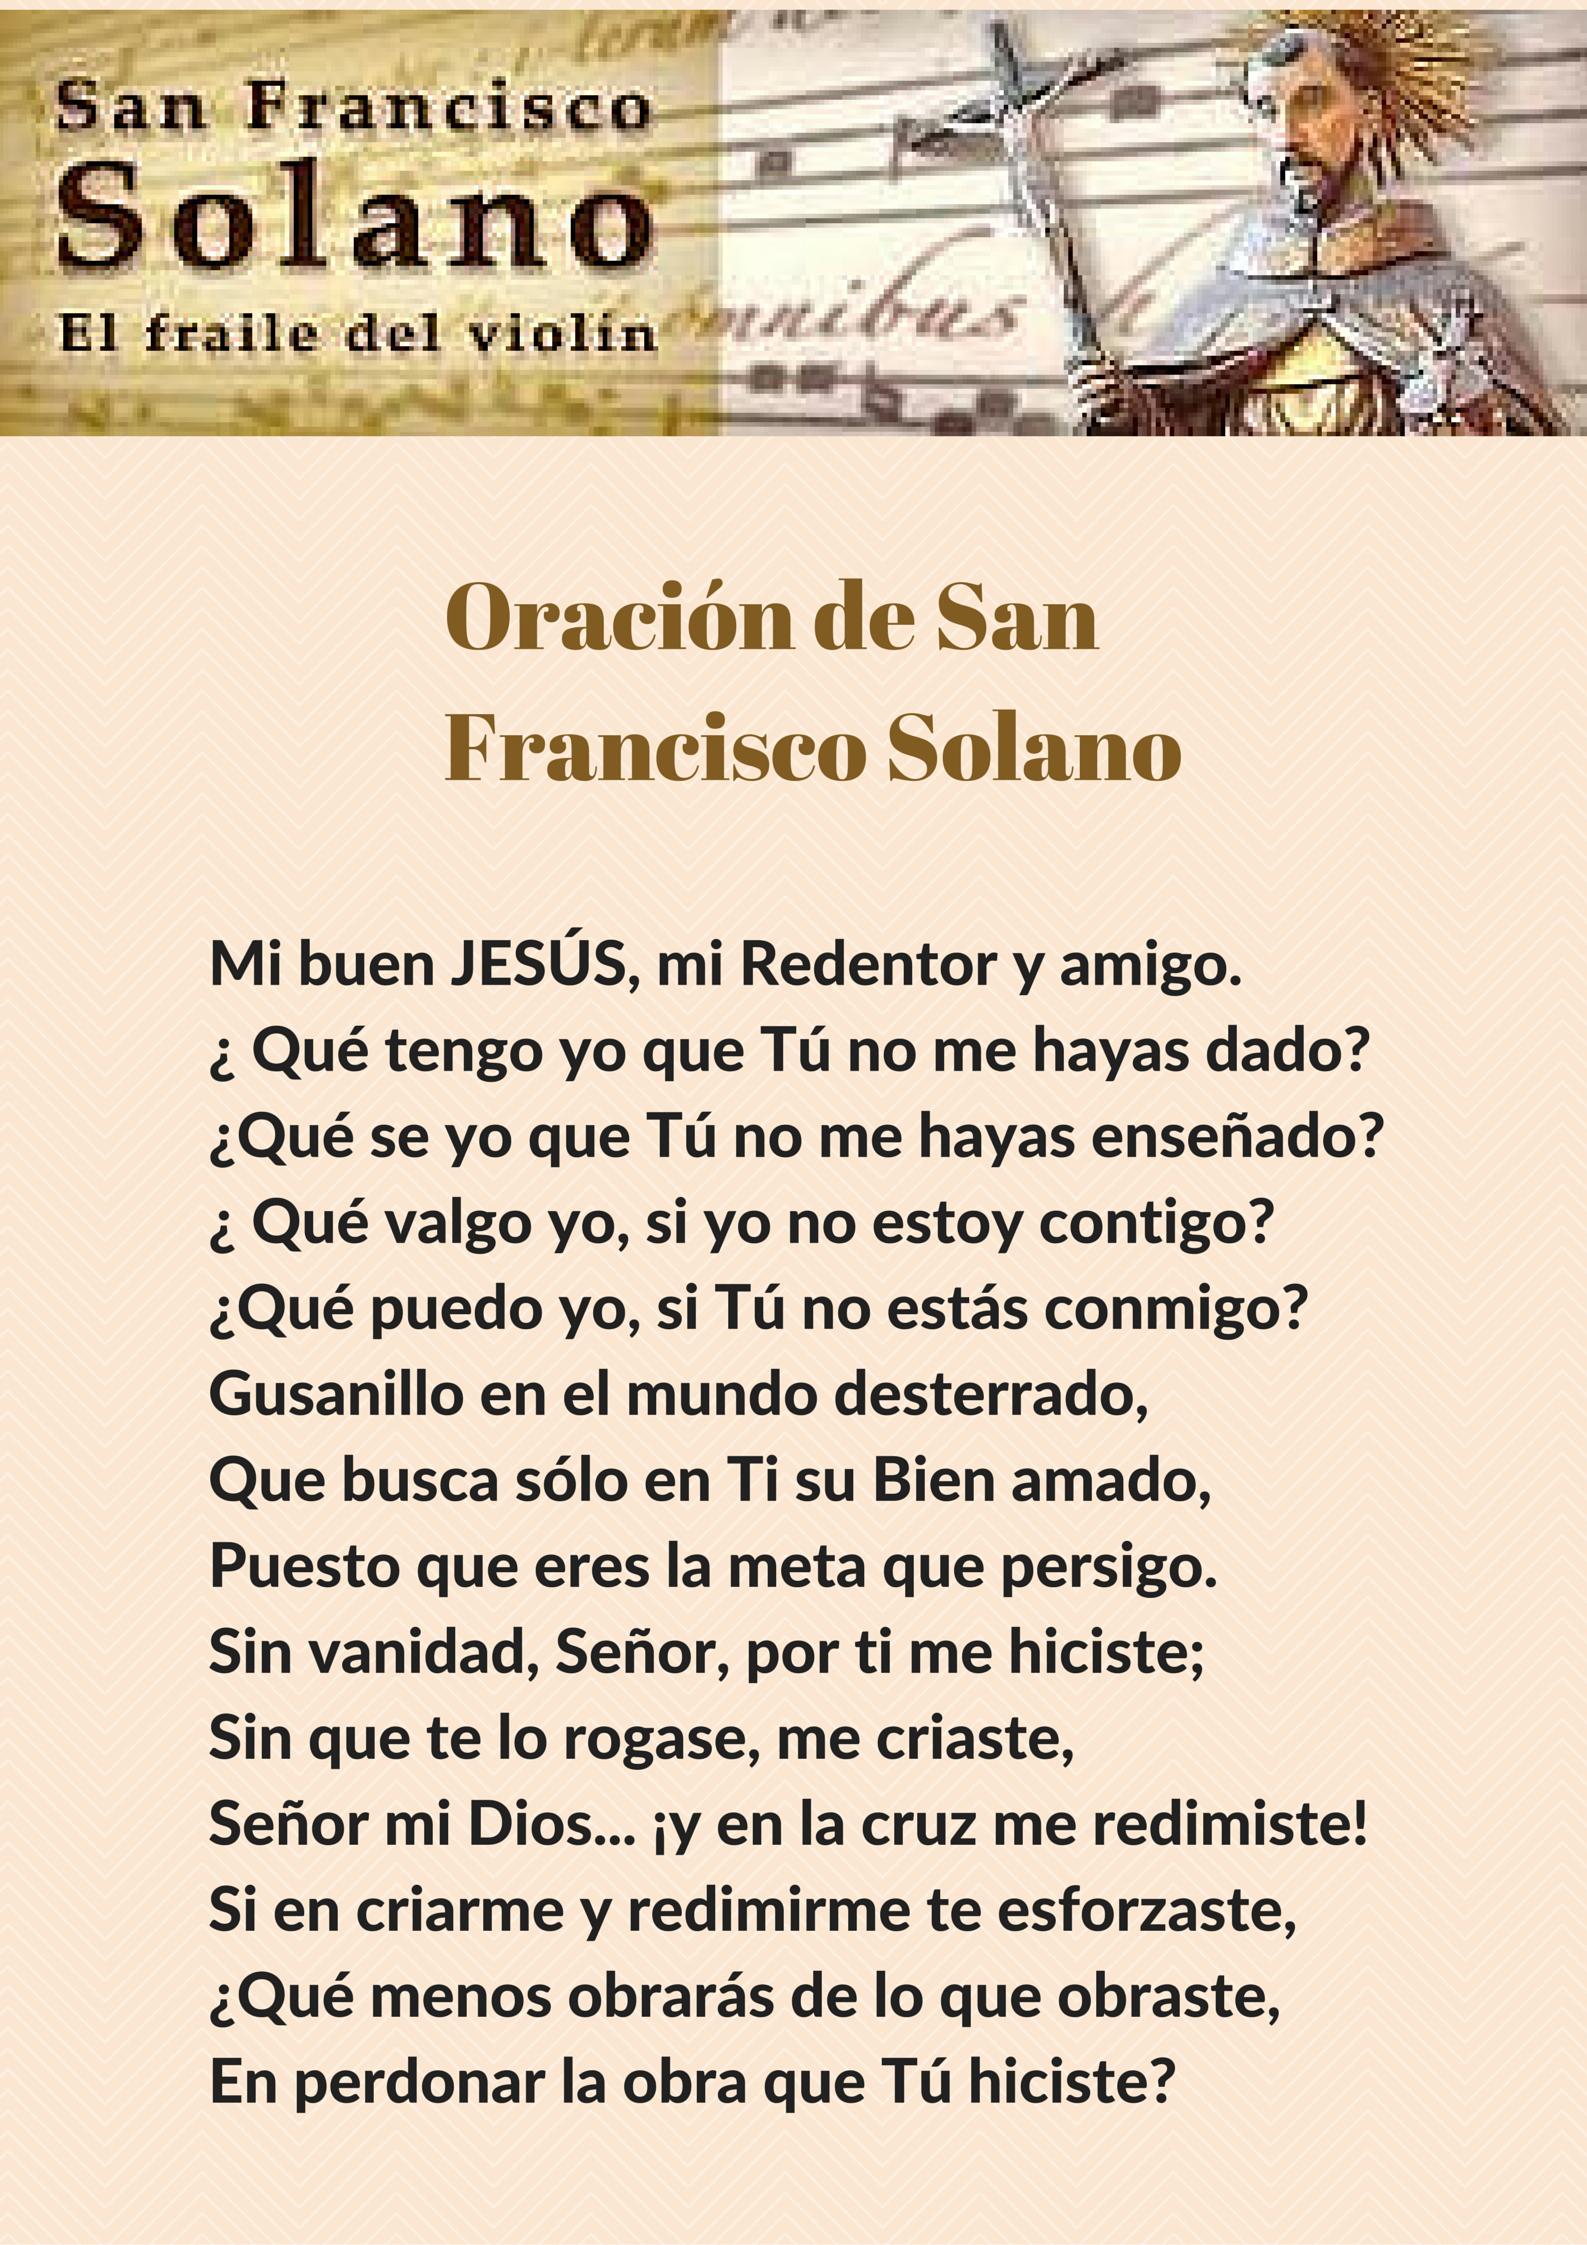 Fiesta 24 de Julio.Oración de San Francisco Solano.